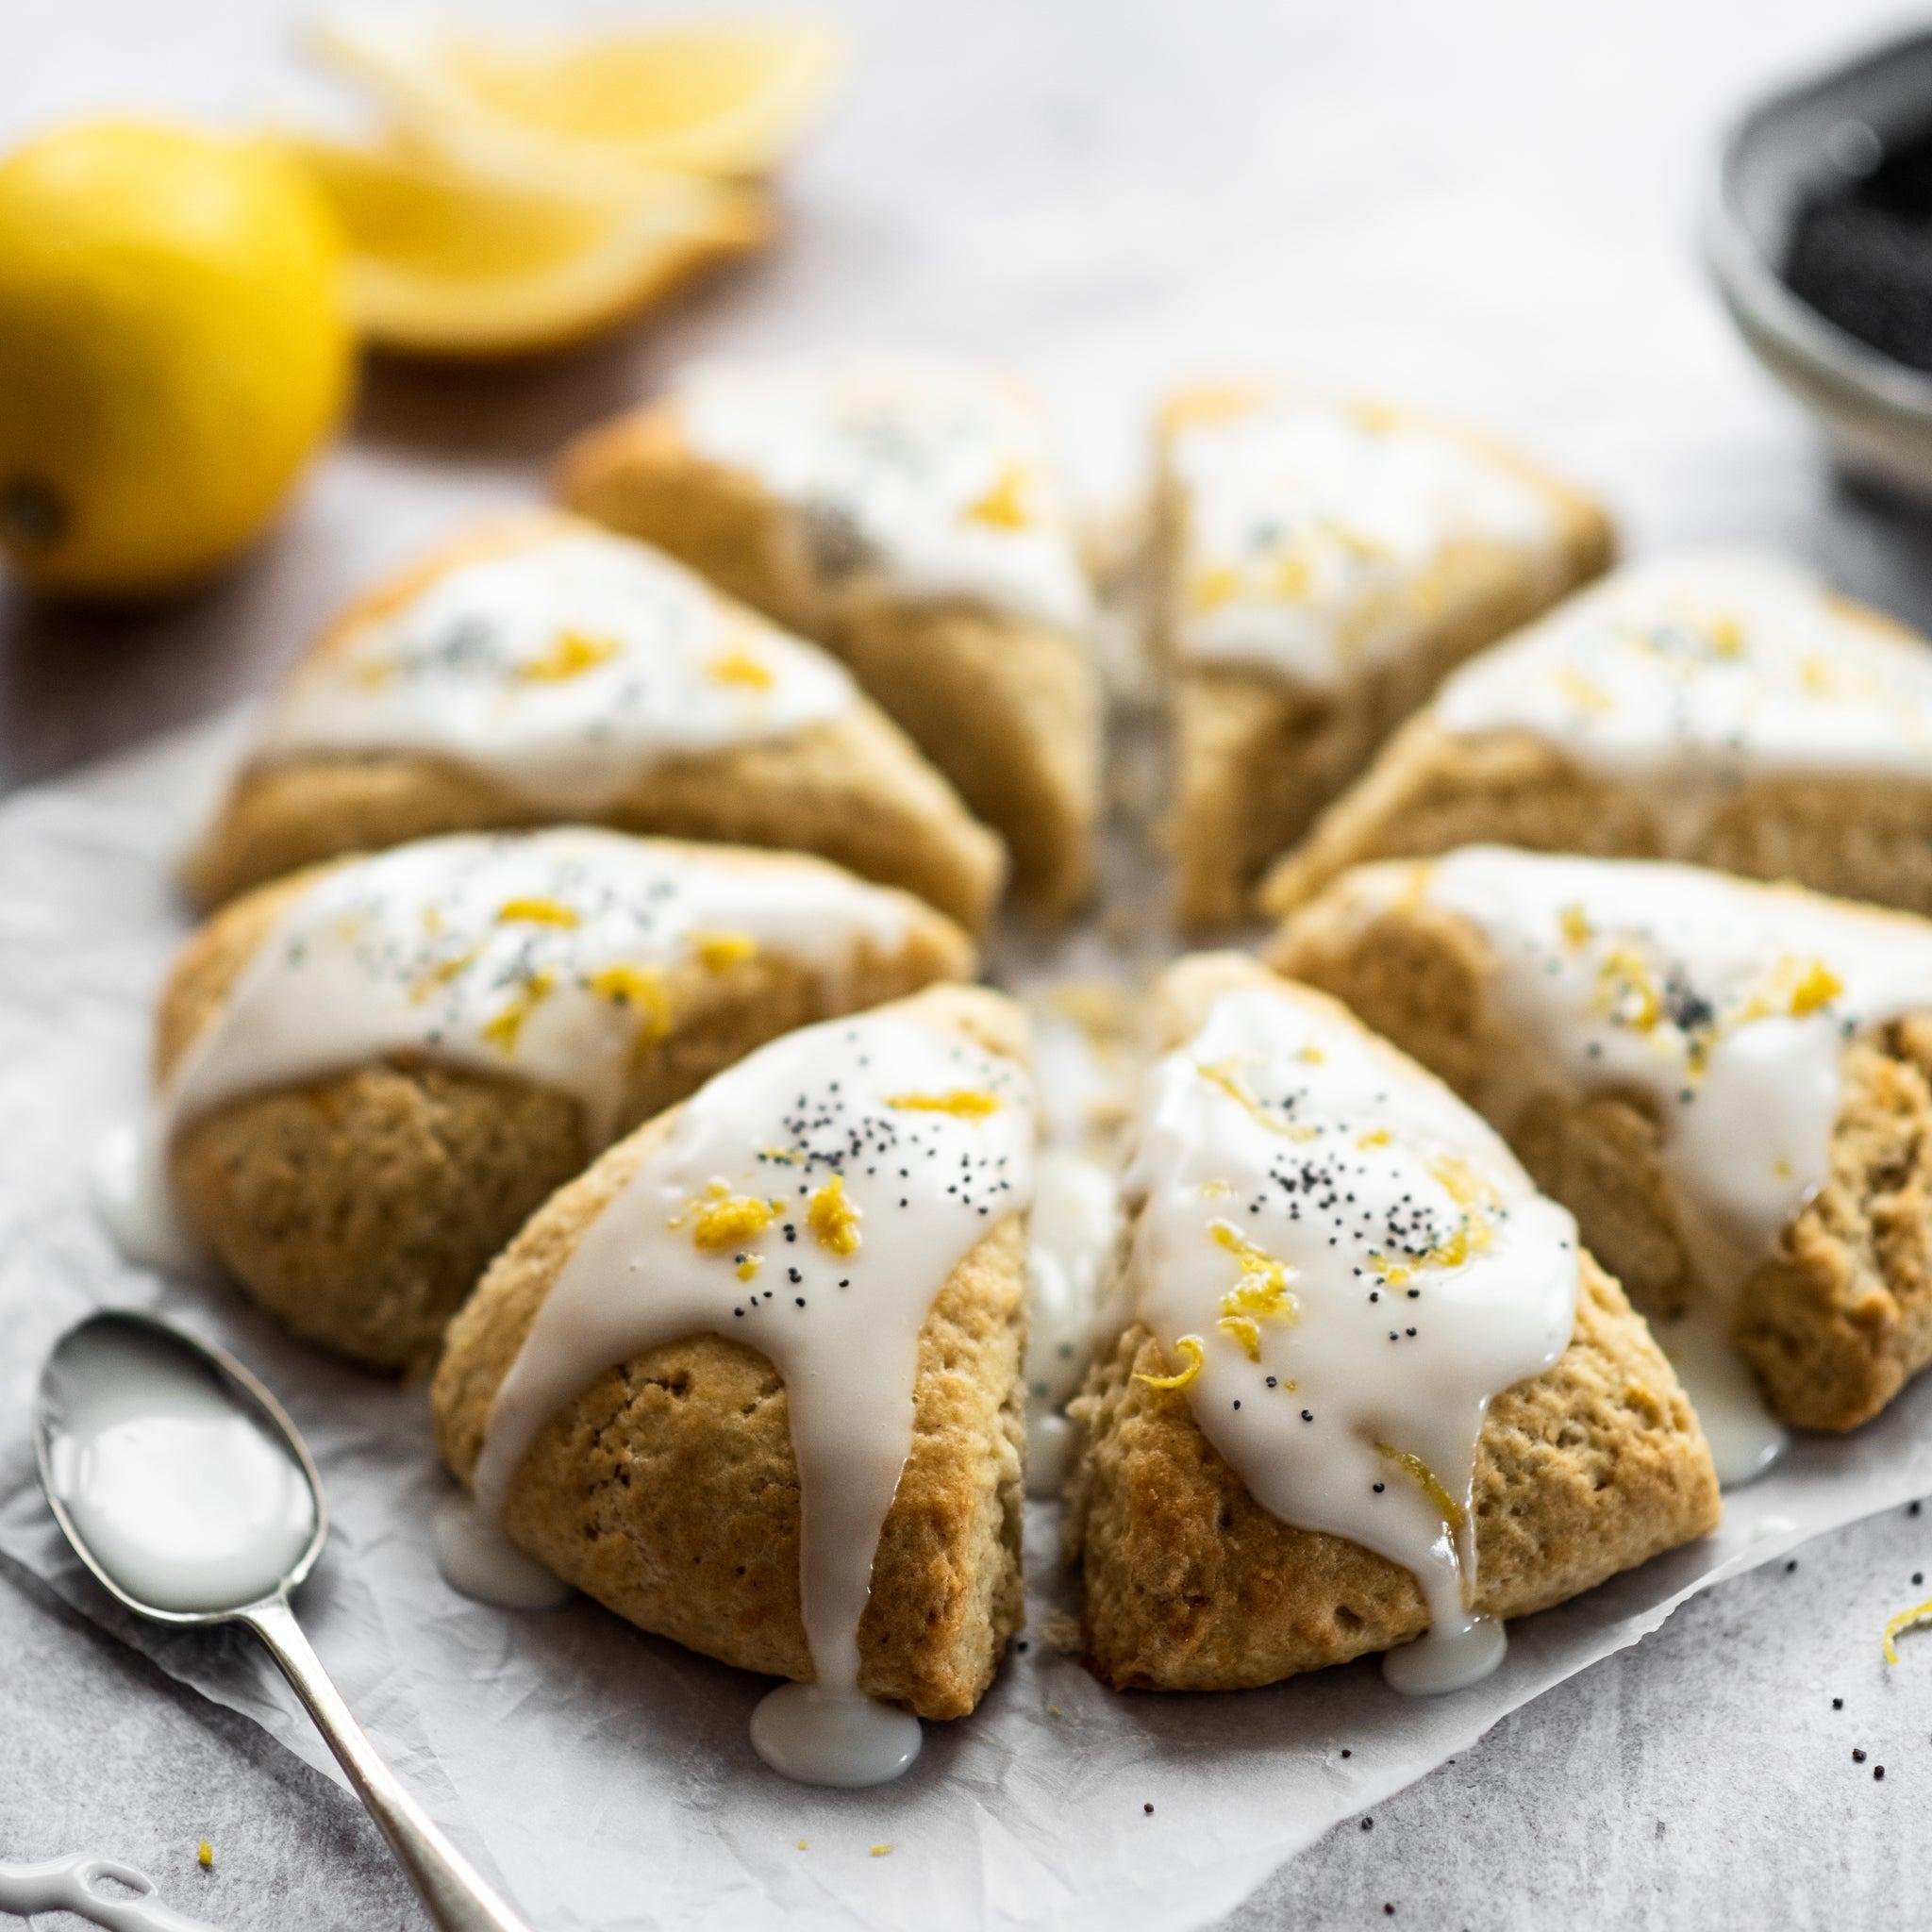 Lemon-Scones-SQUARE-3.jpg